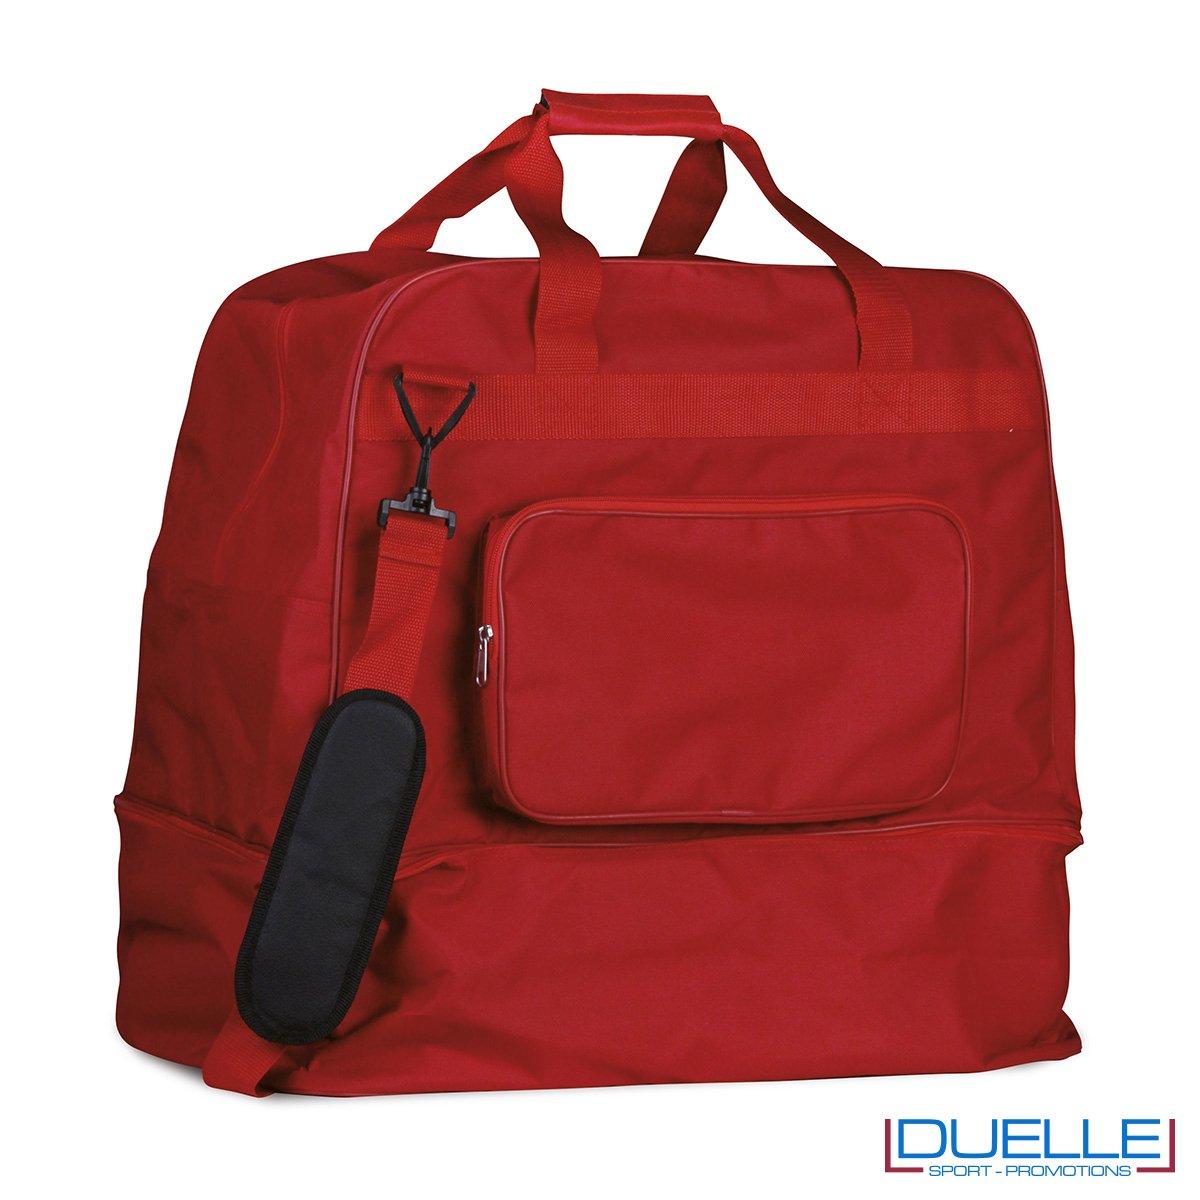 Borsone sportivo personalizzato colore ROSSO con porta scarpe, borse sportive personalizzate, gadget sportivi personalizzati